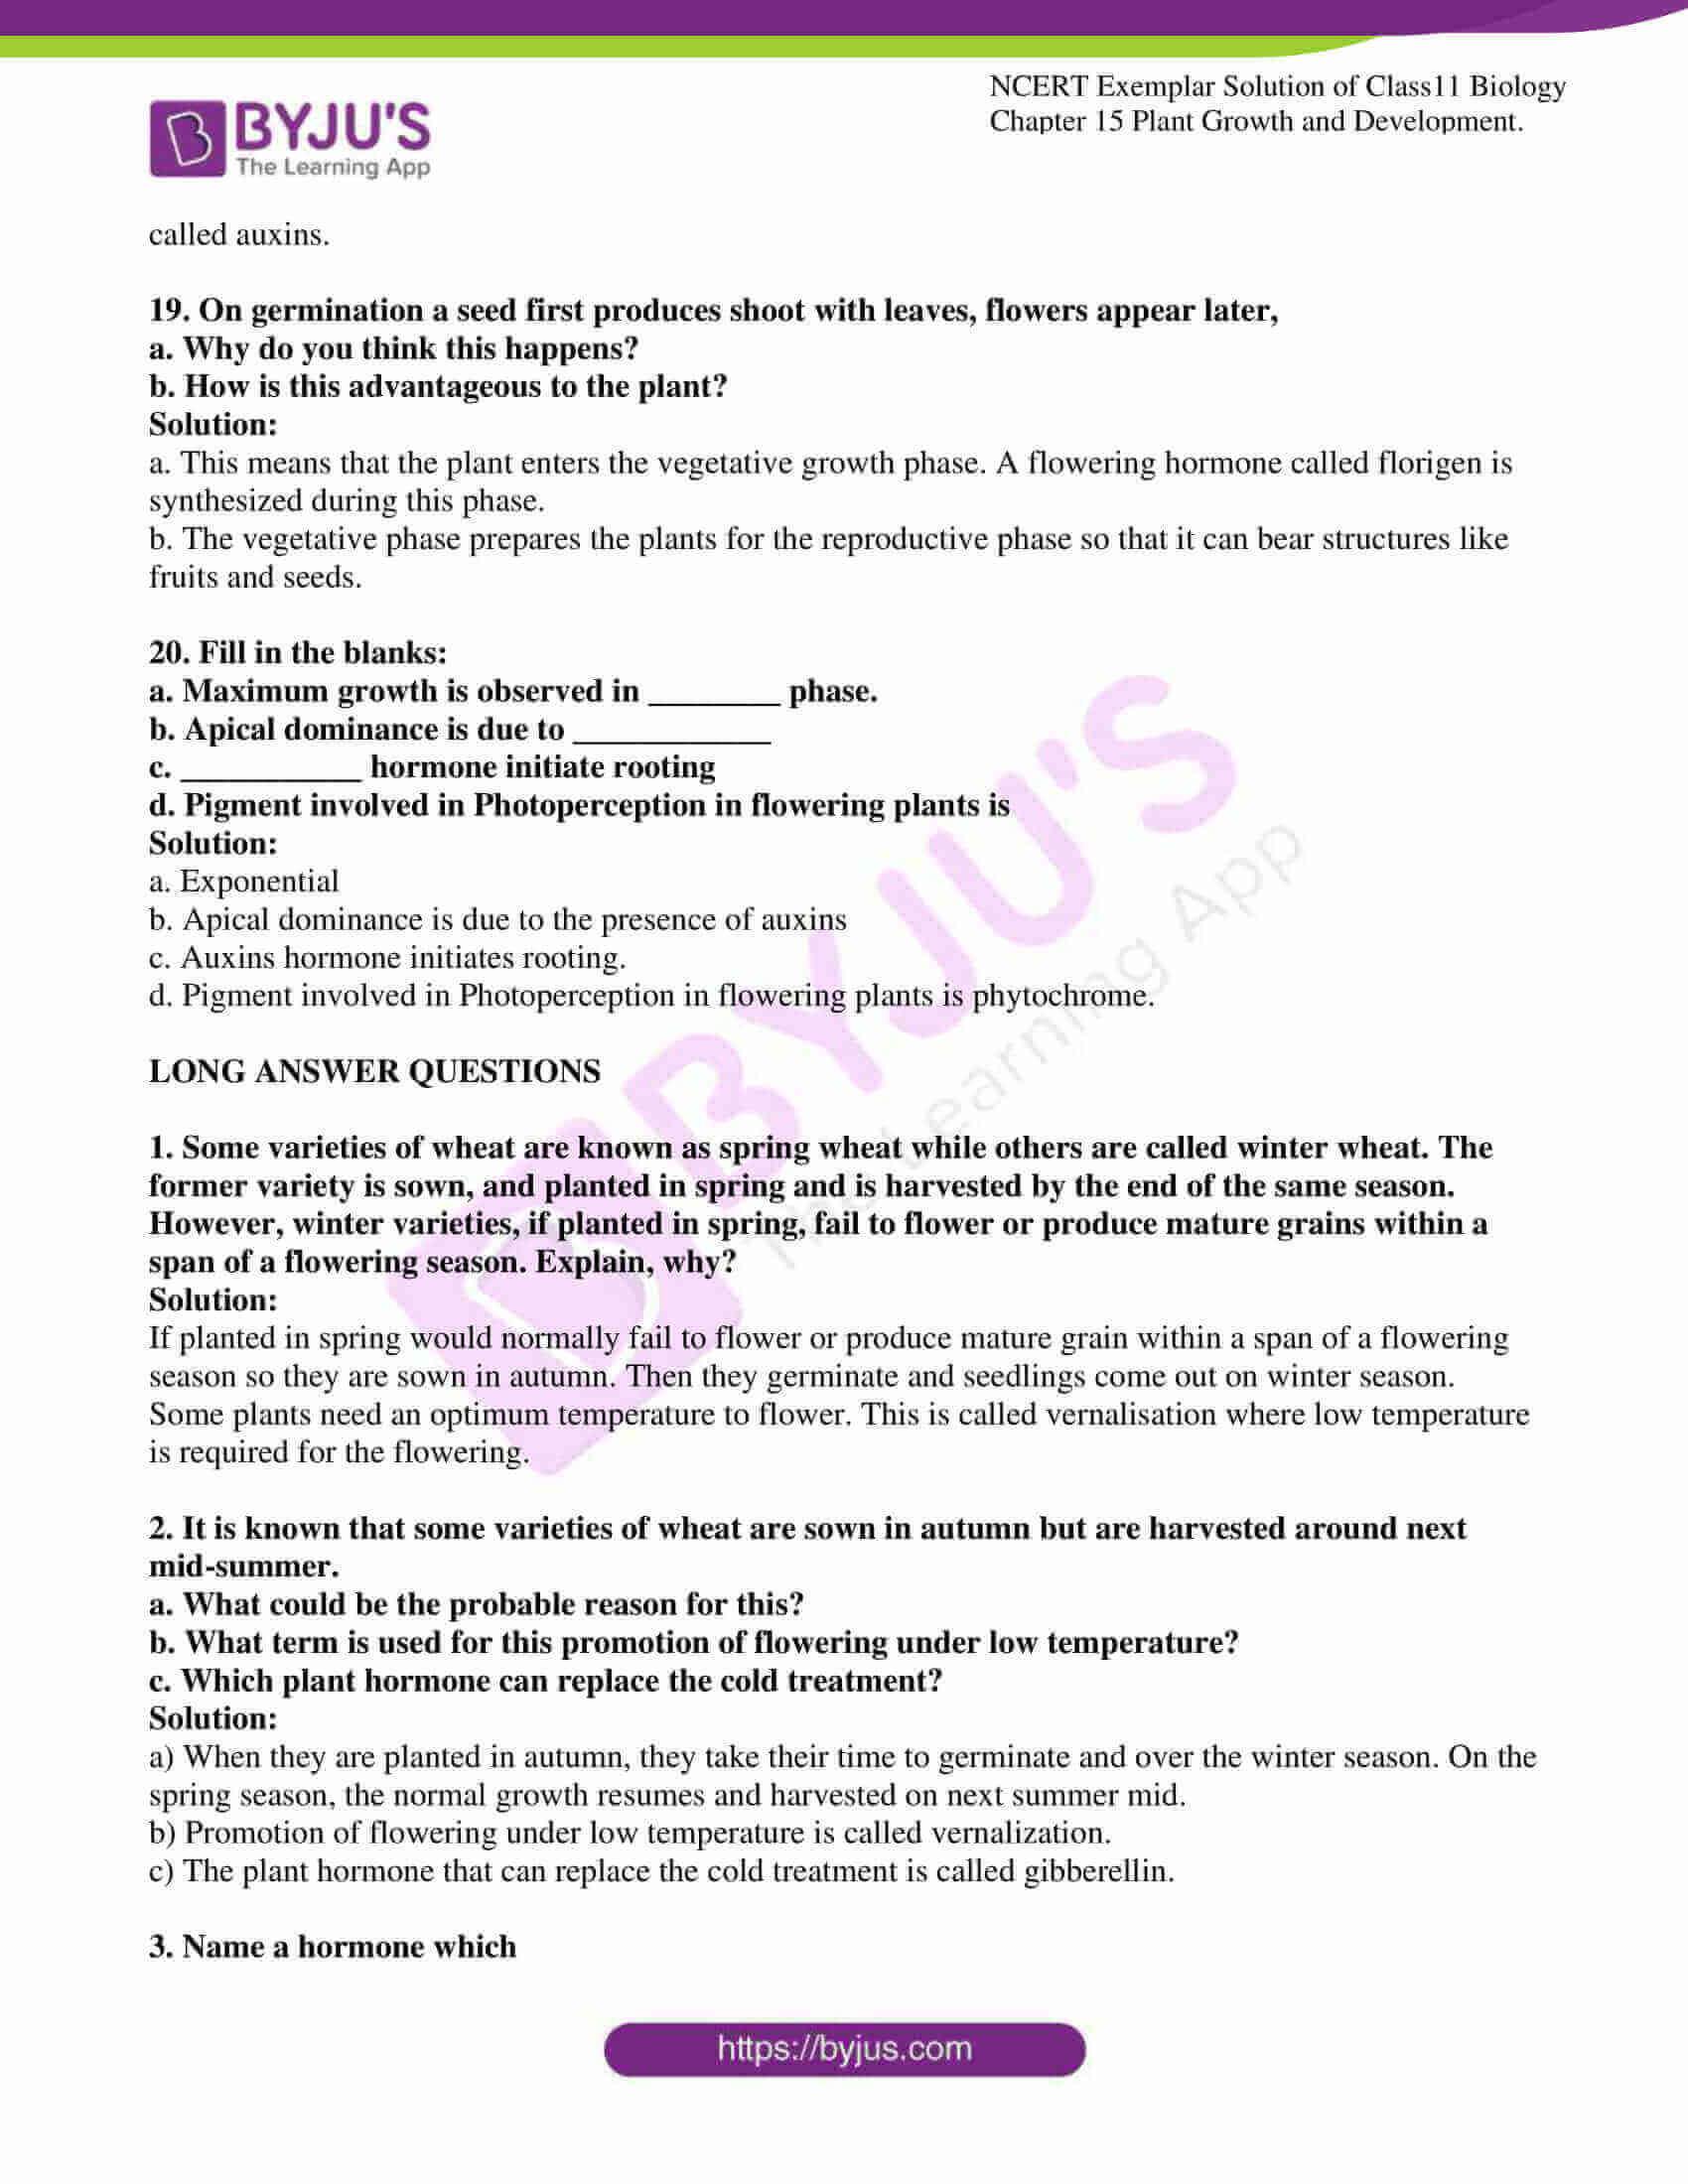 ncert exemplar solutions class 11 biology chapter 15 10